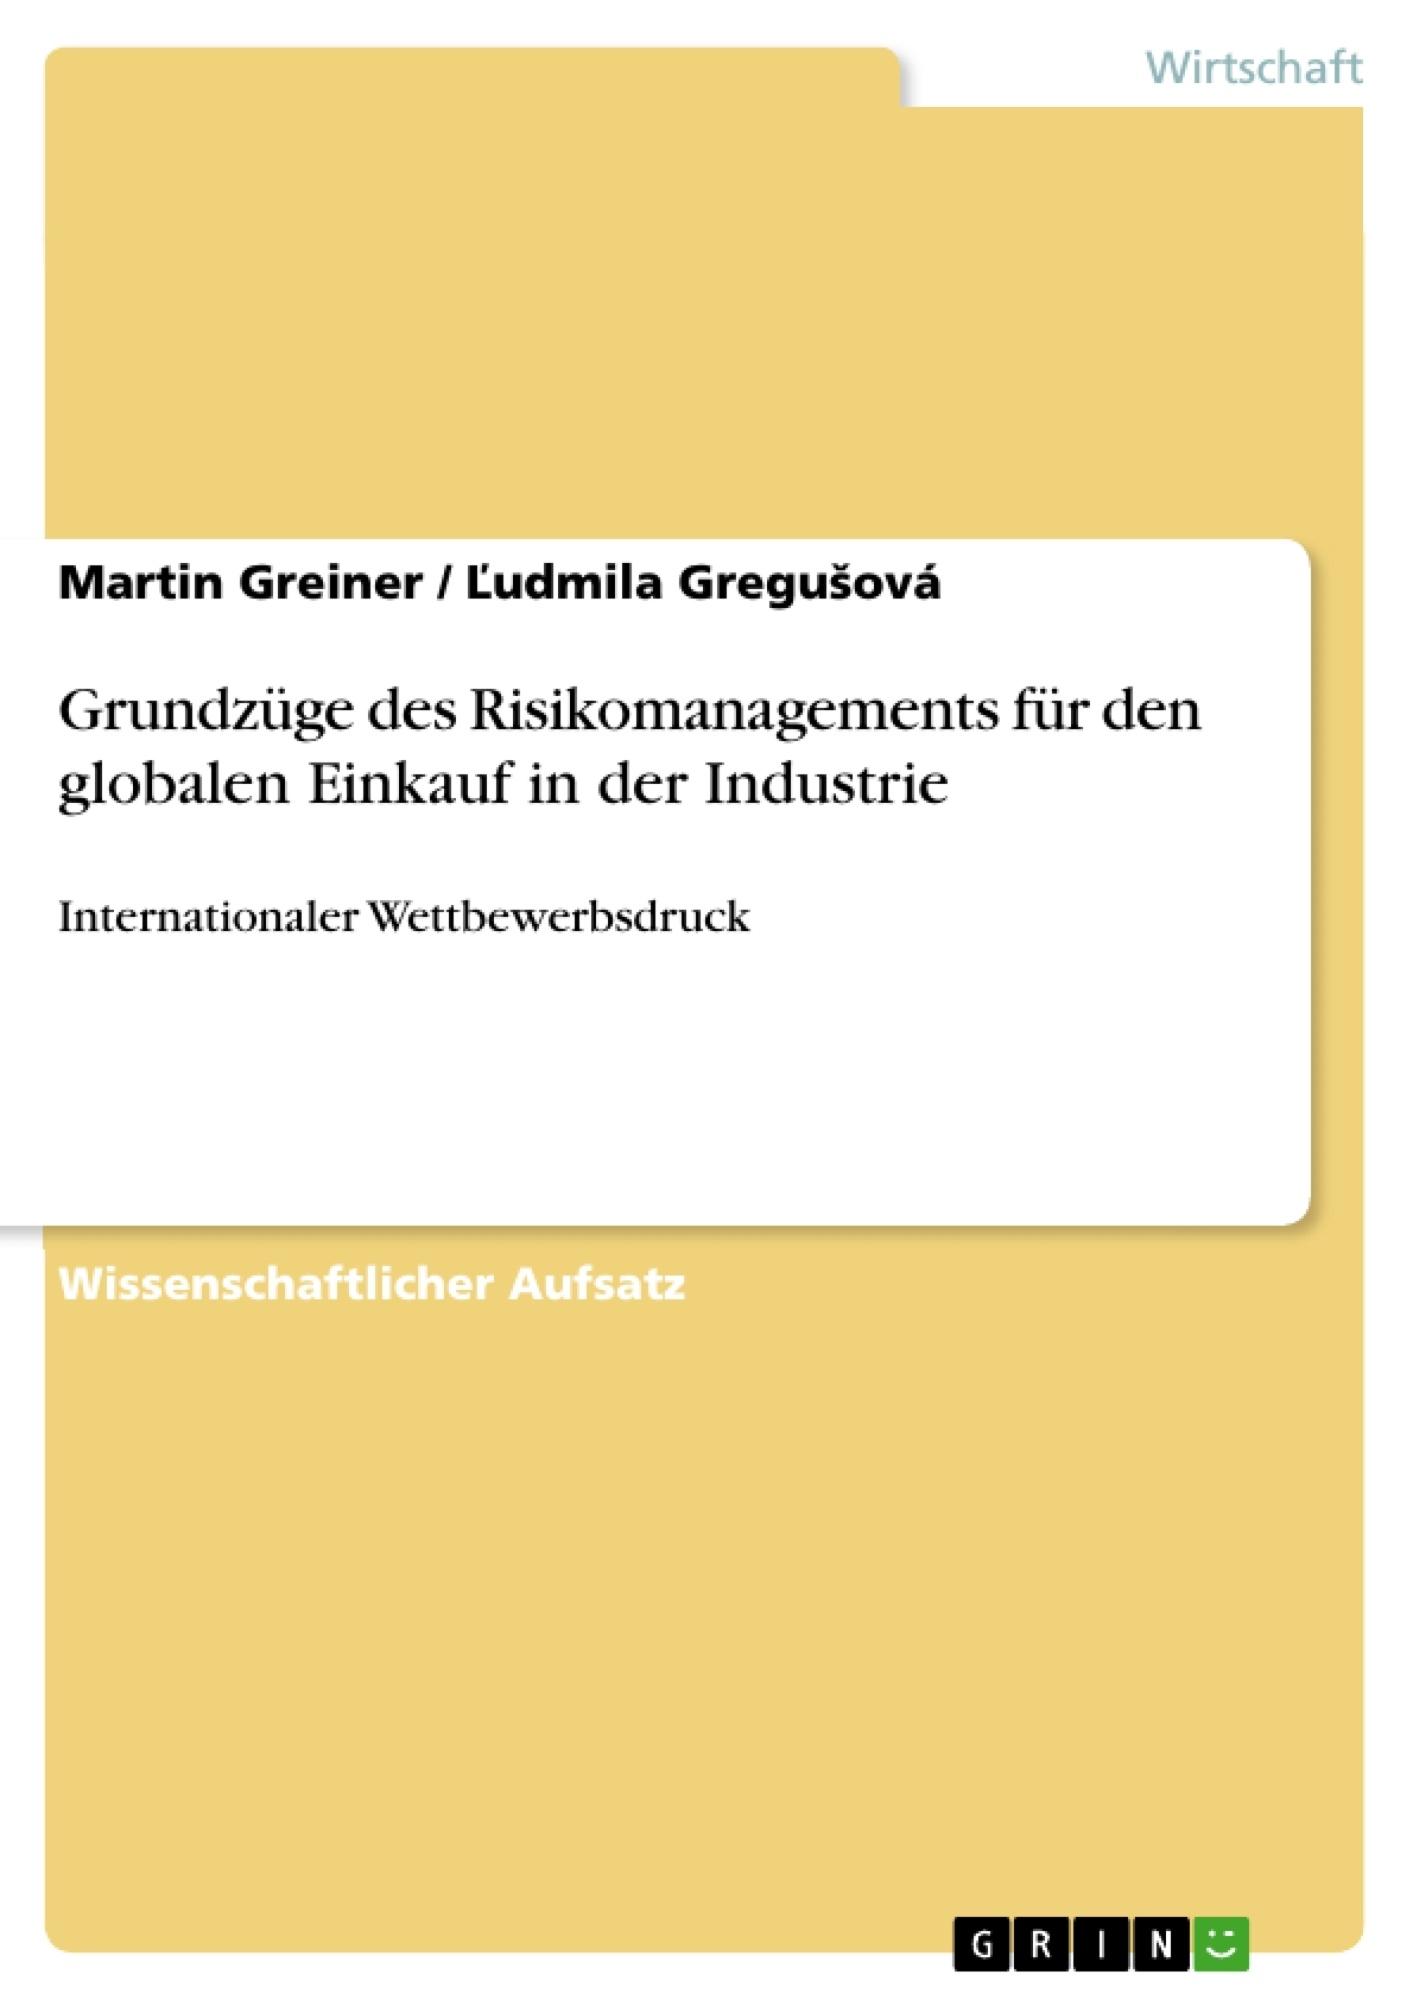 Titel: Grundzüge des Risikomanagements für den globalen Einkauf in der Industrie